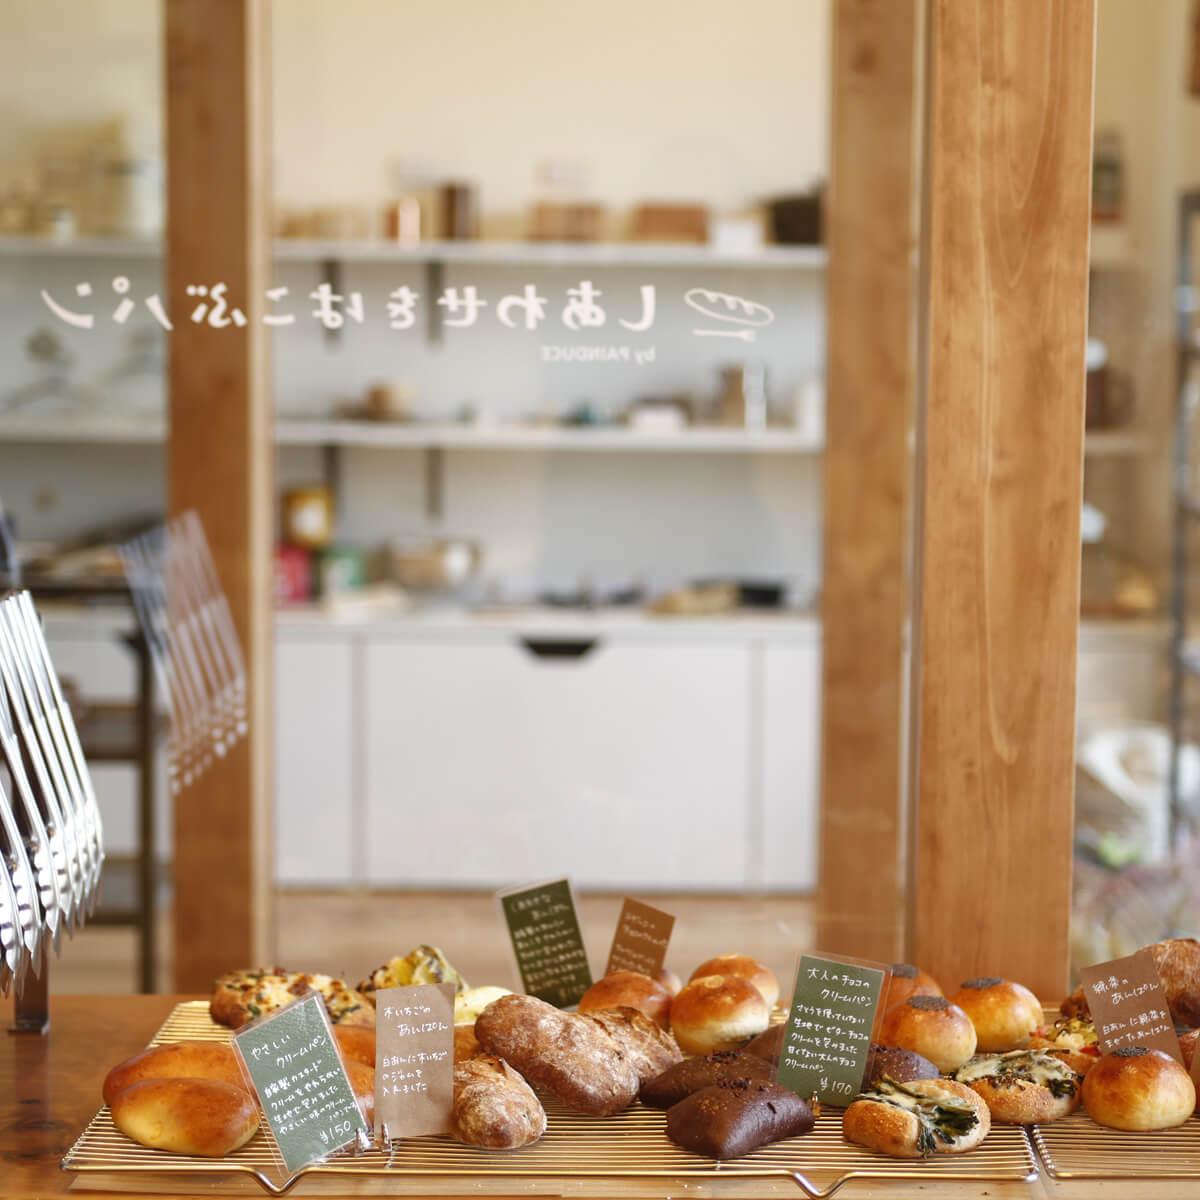 キャンペーン|愛知県安城市 暮らしのお店いよいよ開催!